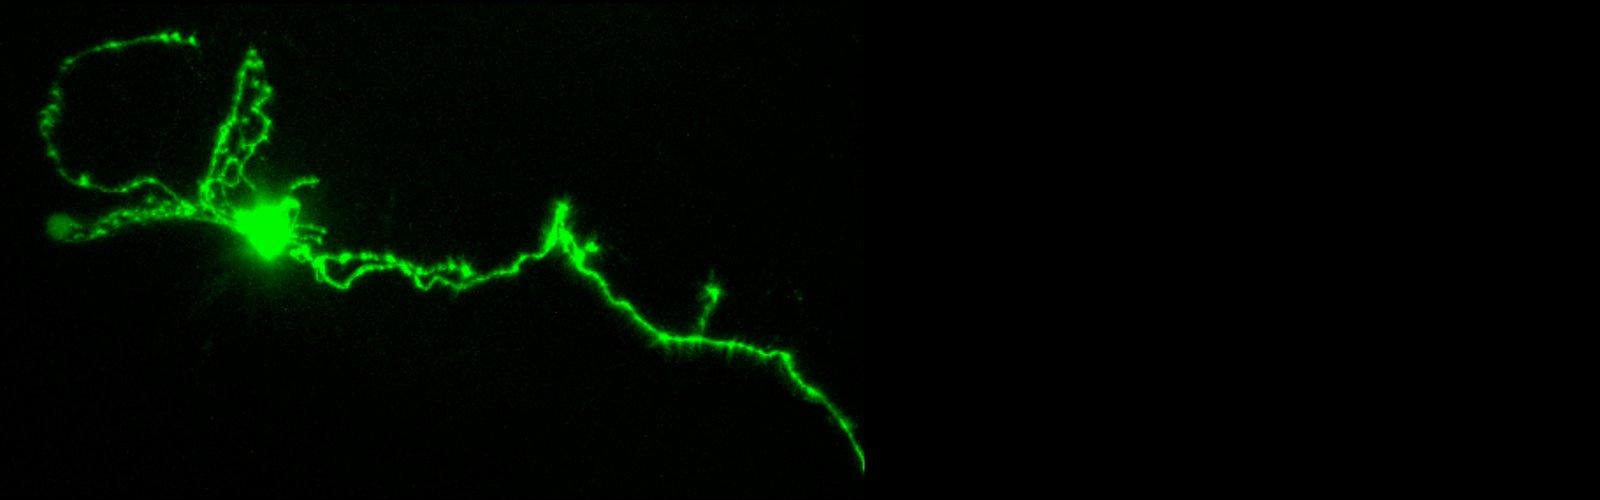 A larval zebrafish Hcrt neuron